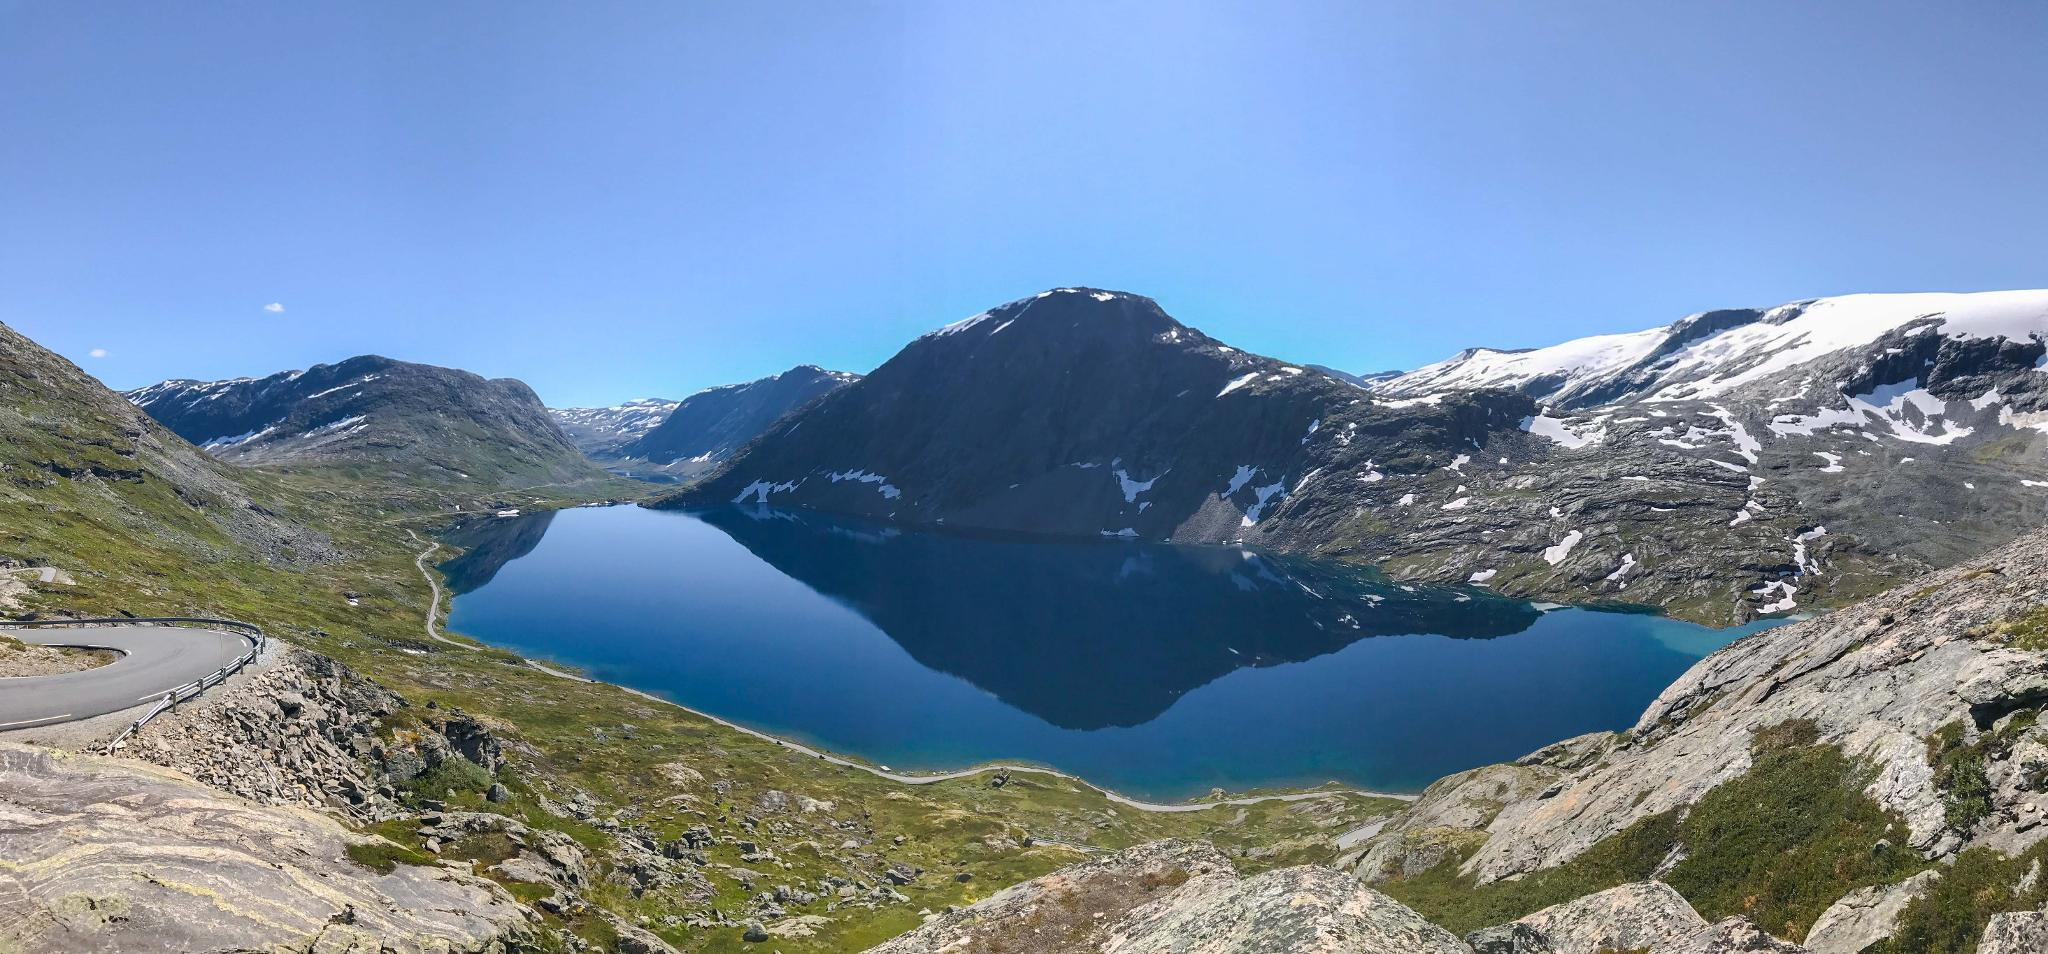 【北歐景點】歐洲最震撼的峽灣觀景台 — Dalsnibba Mountain Plateau 3